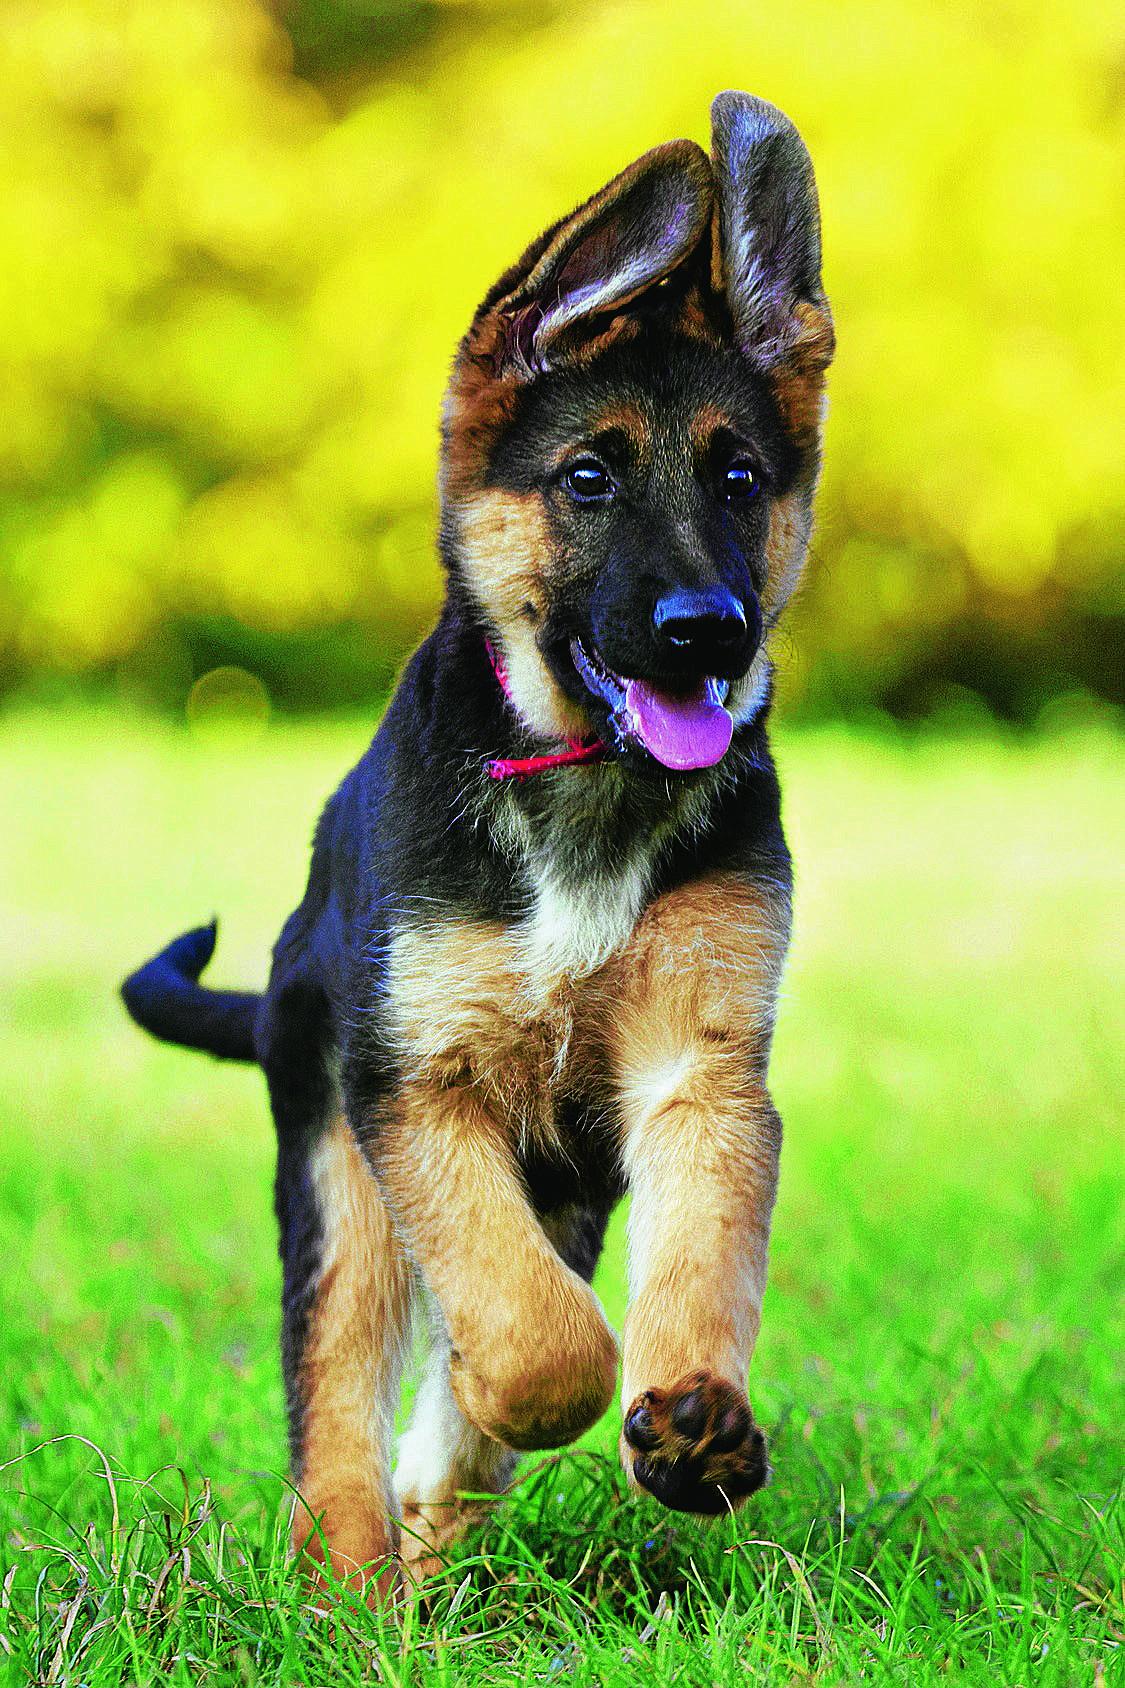 картинки собак овчарок немецких щенков поздравить